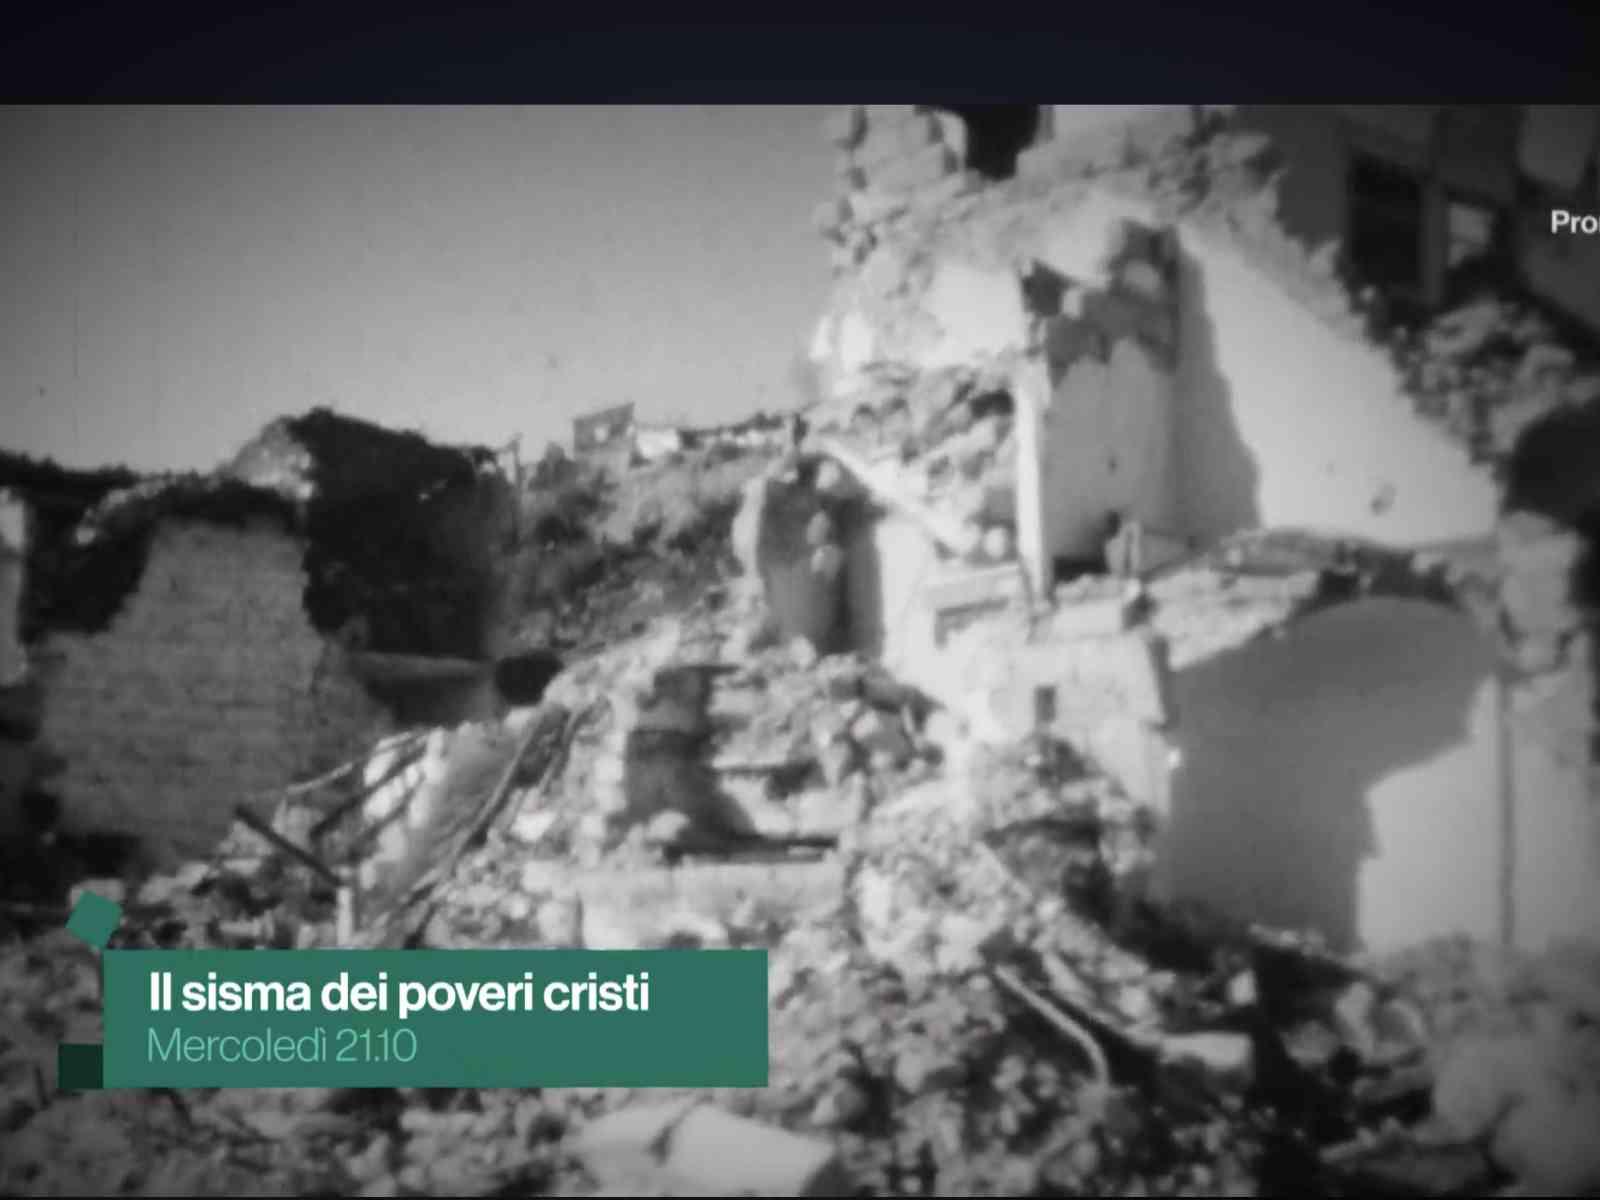 """""""Il sisma dei poveri cristi"""". Mercoledì, su RaiStoria, un documentario sul terremoto nel Belìce"""